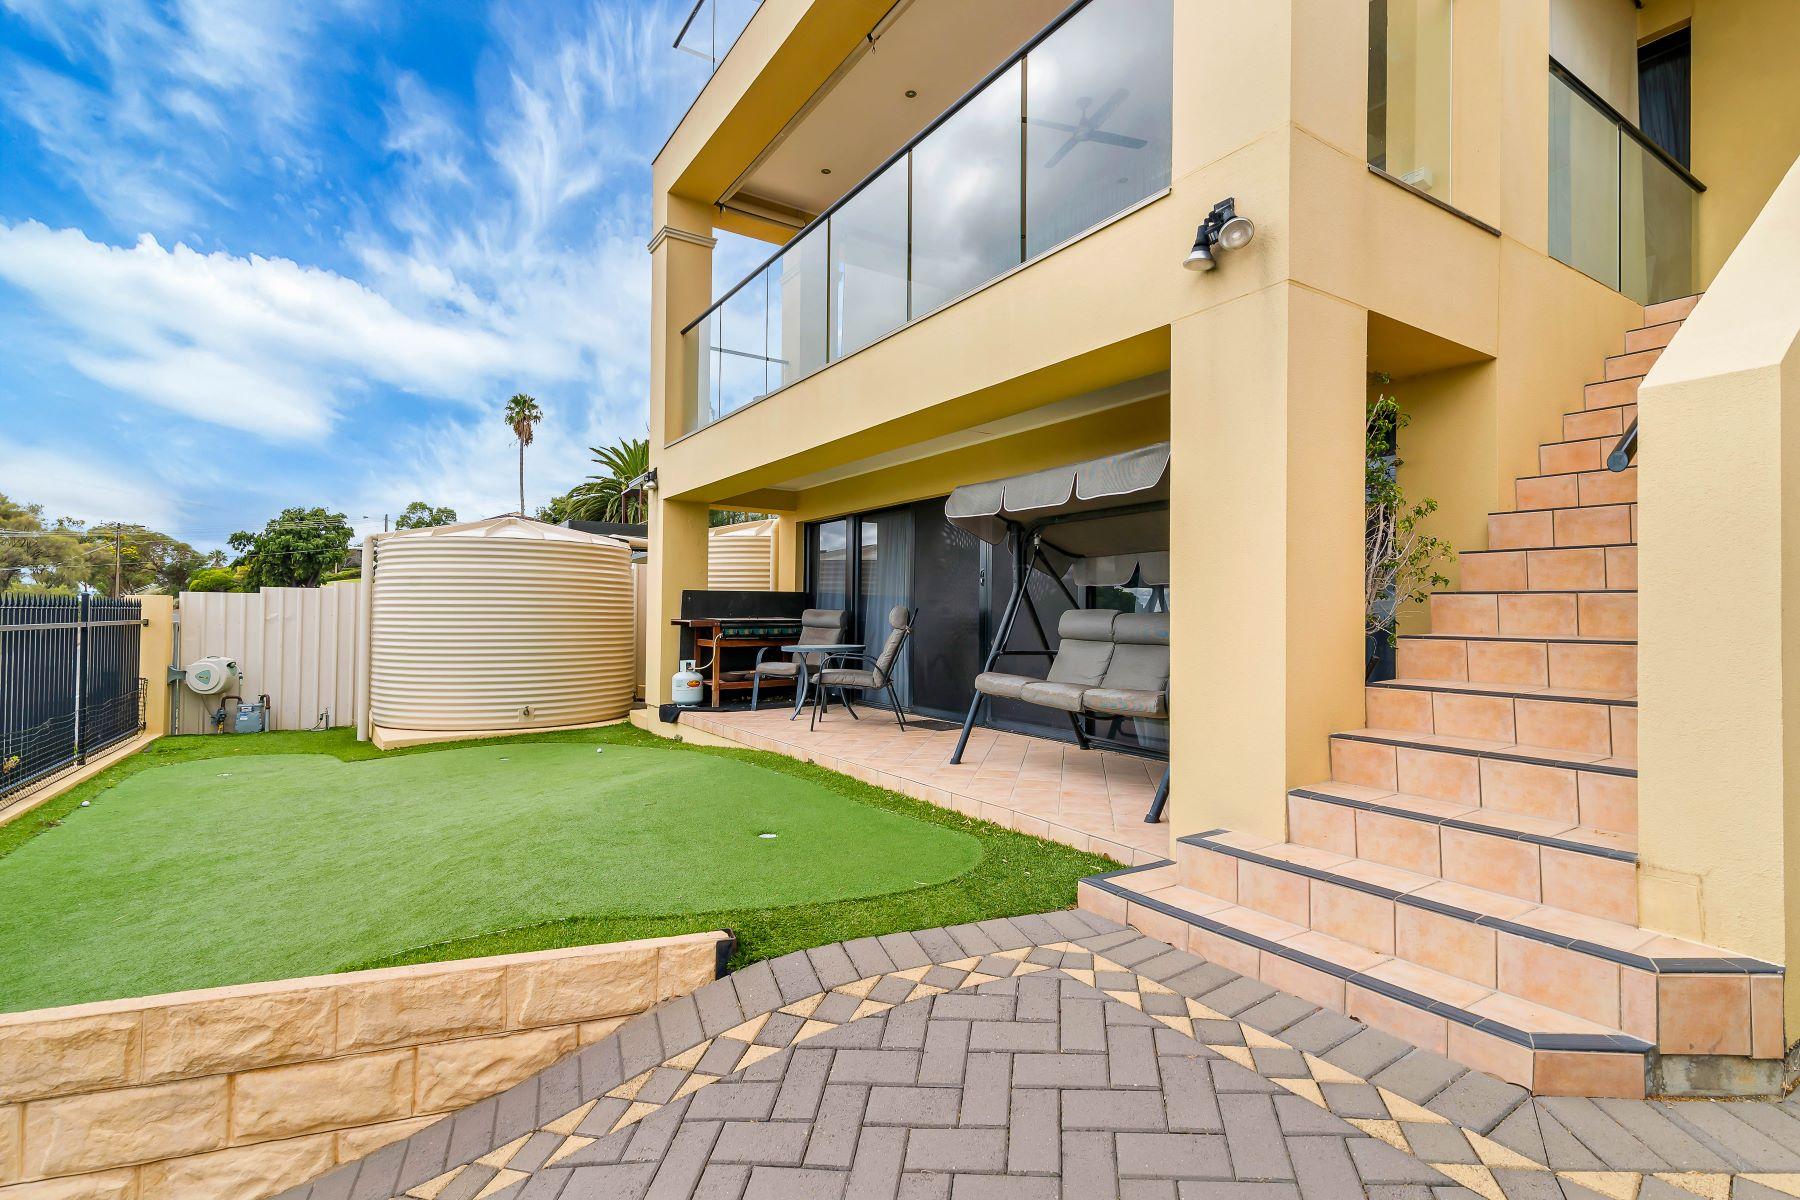 Nhà ở một gia đình vì Bán tại Grand Beachside Residence 34 Angus Cresent Other South Australia, South Australia, 5049 Úc